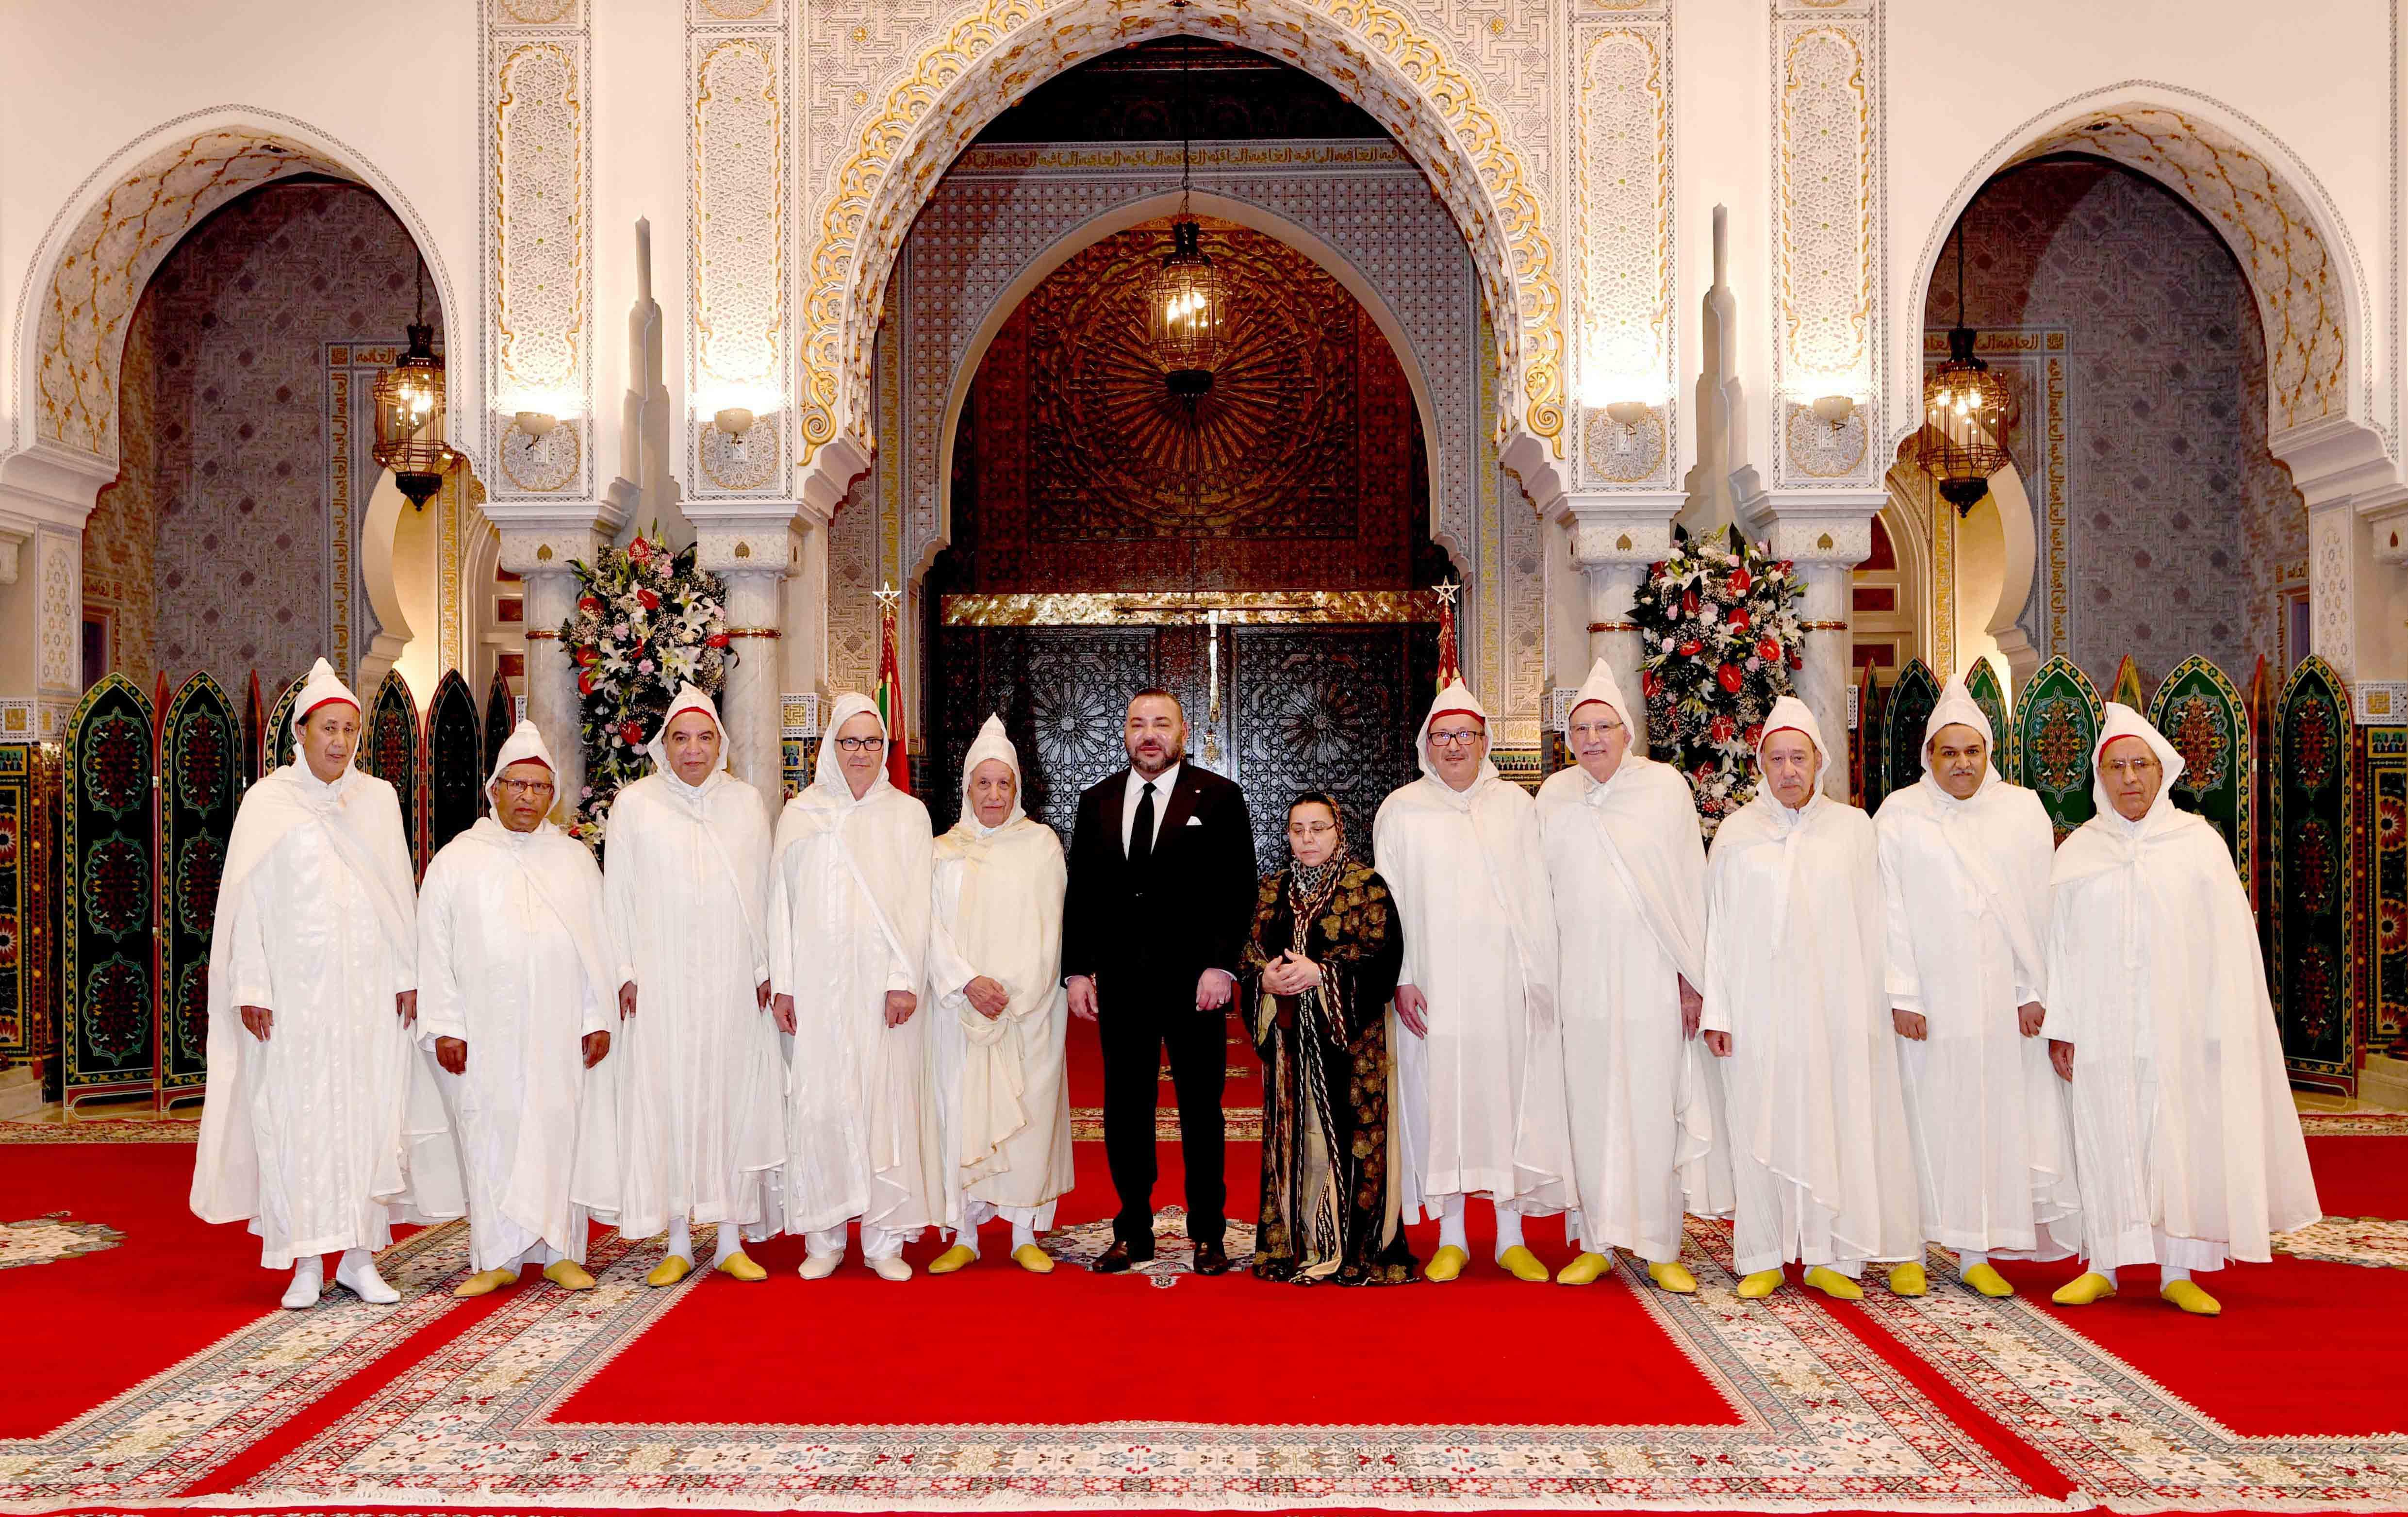 الملك يستقبل أعضاء المحكمة الدستورية ويعينهم في مهامهم